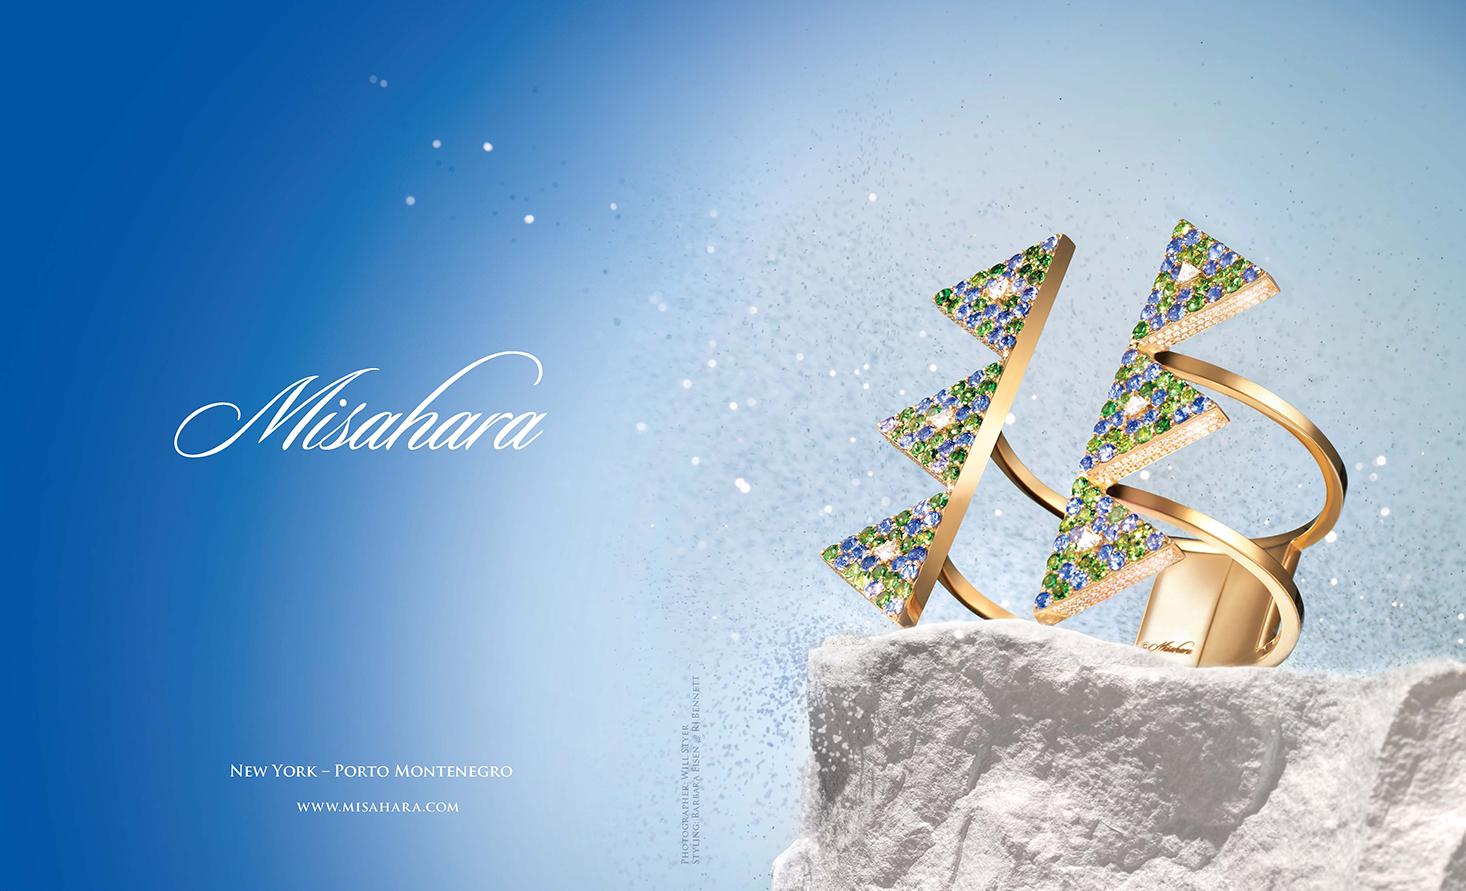 Misahara Vogue Met Gala cropped web.jpg